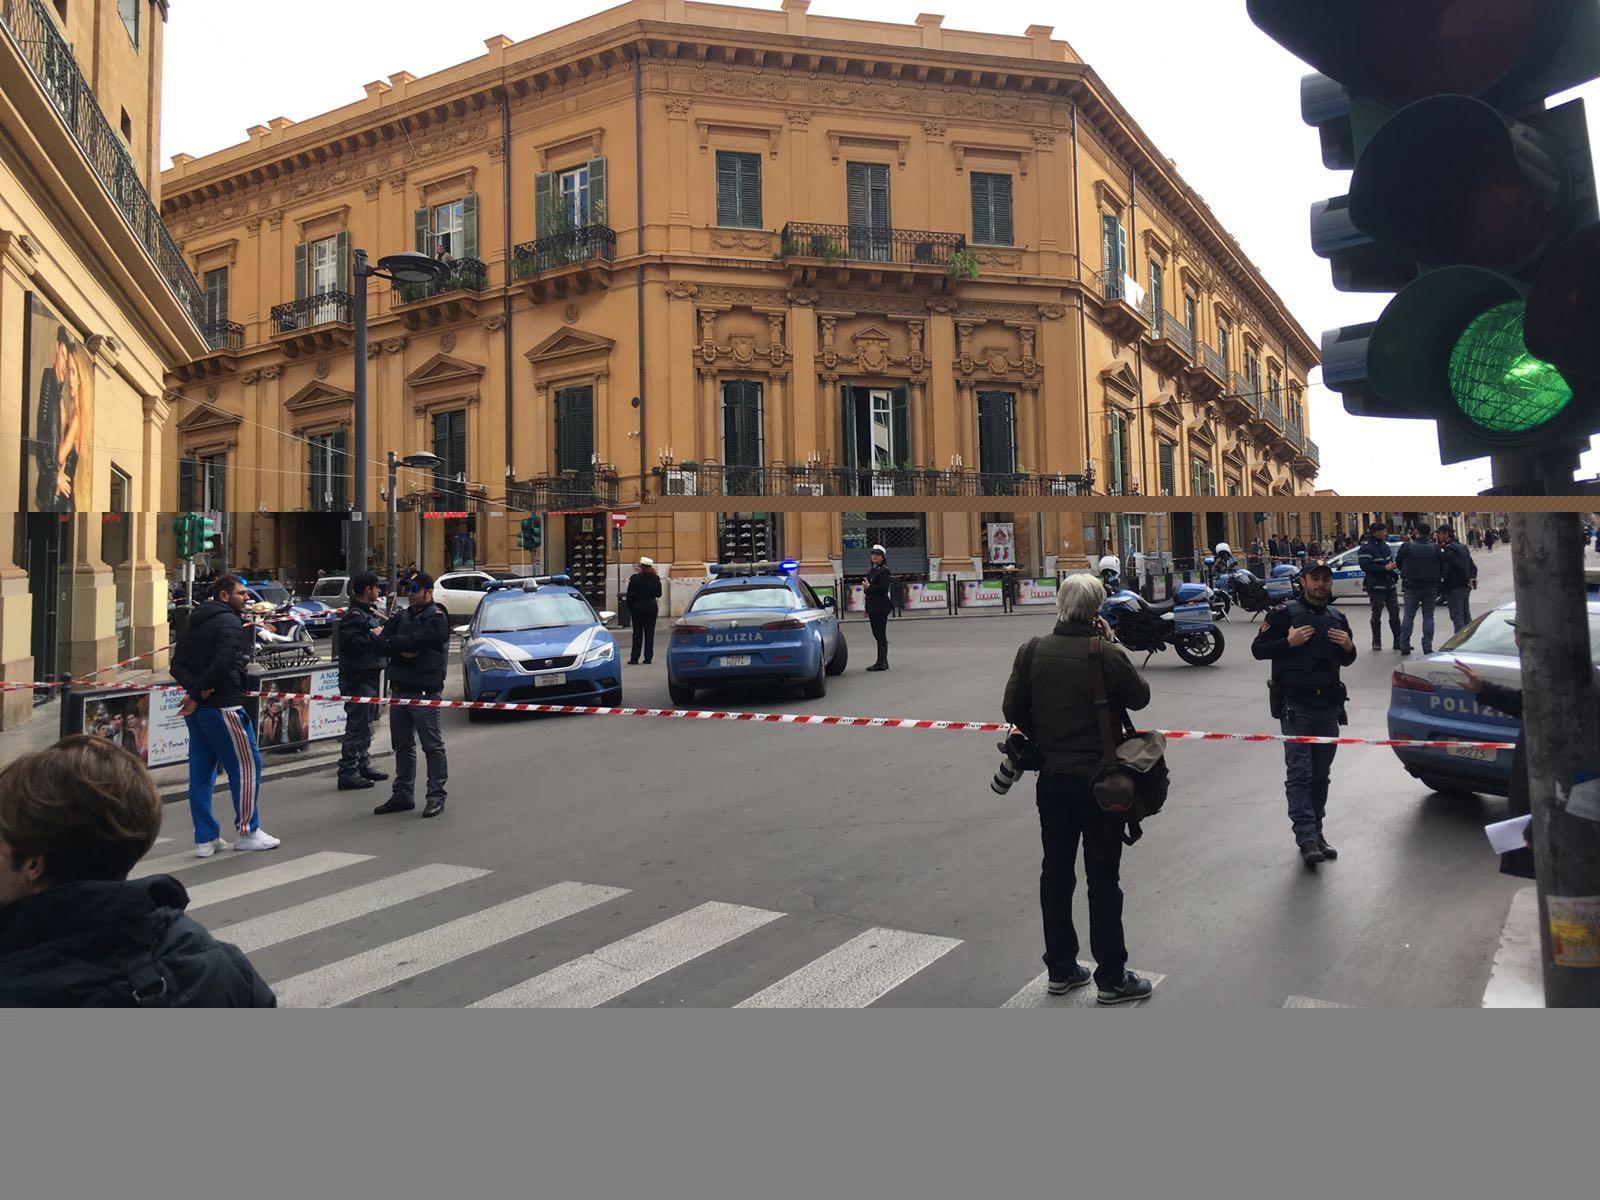 Allarme pacco bomba a Palermo